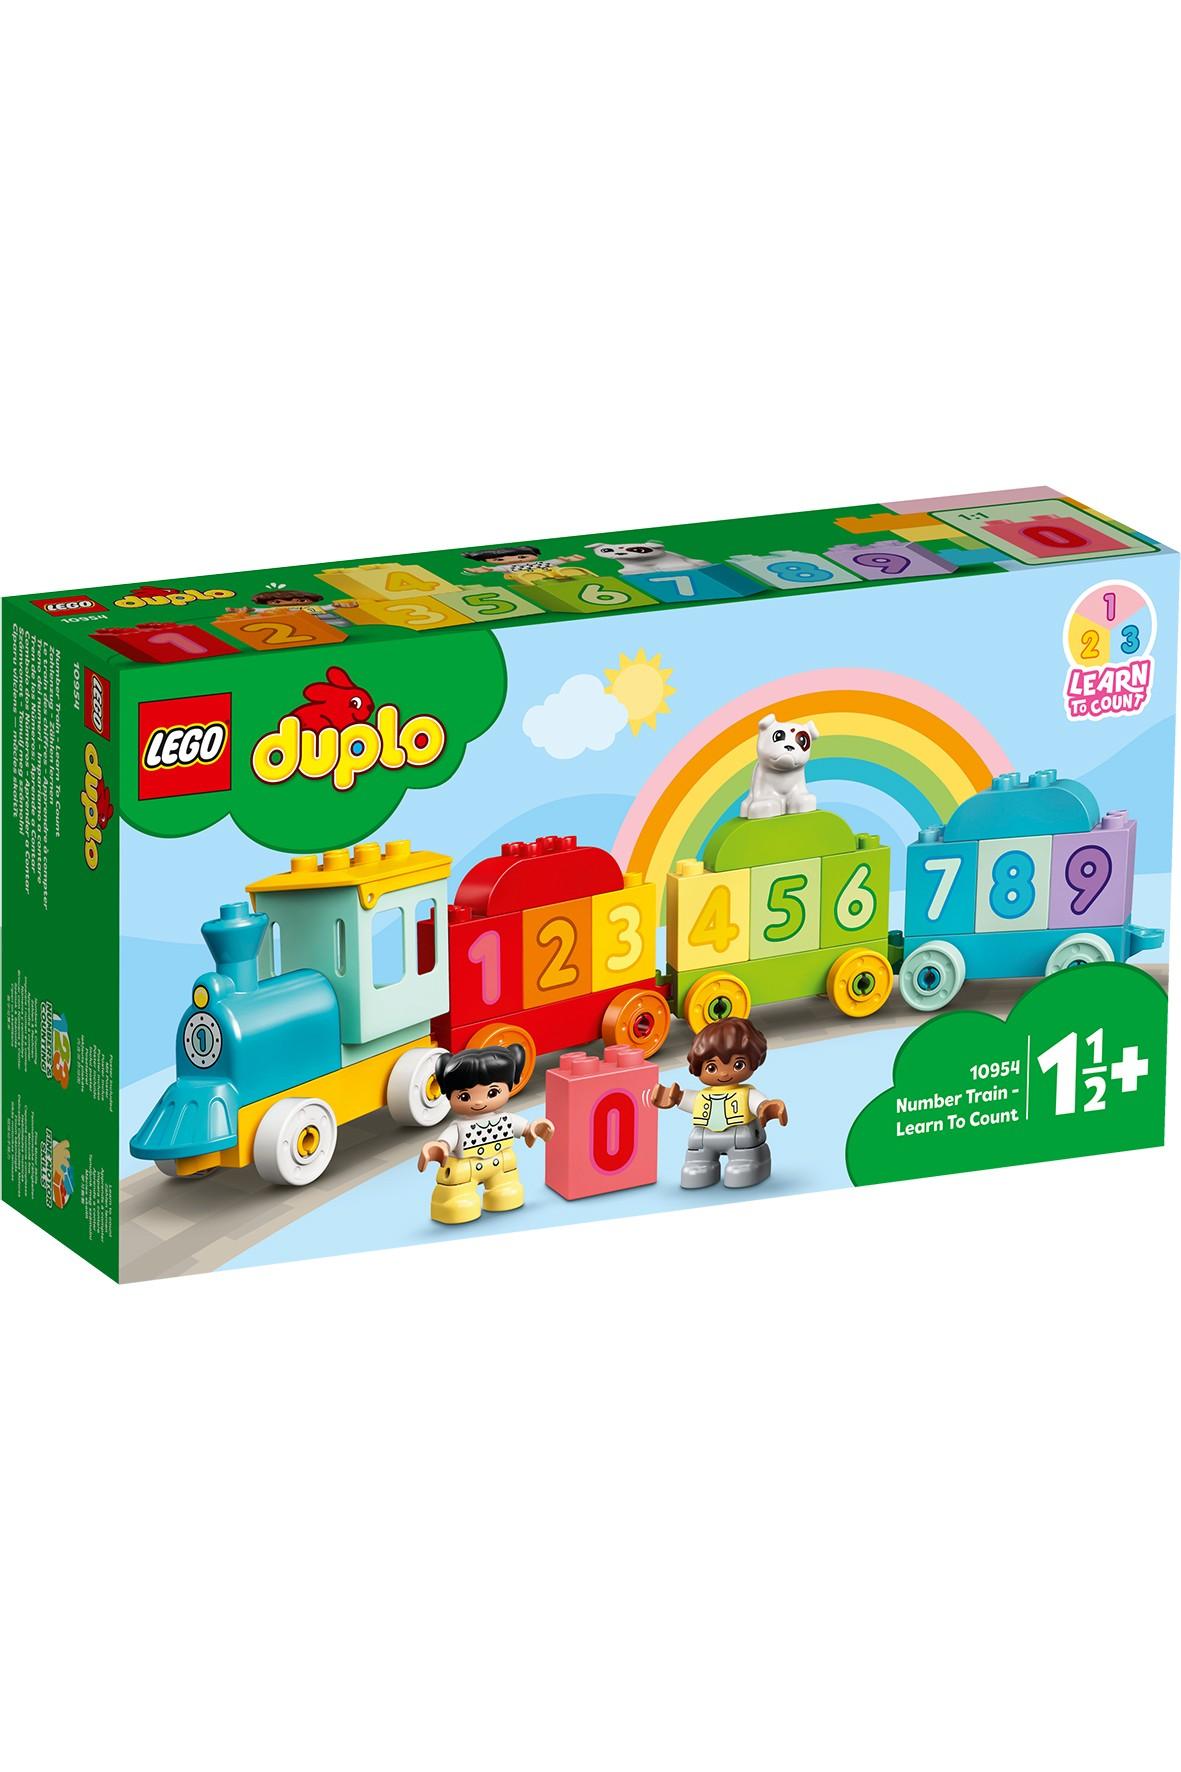 LEGO DUPLO My First - Pociąg z cyferkami - 23 elementy, wiek 18 msc +